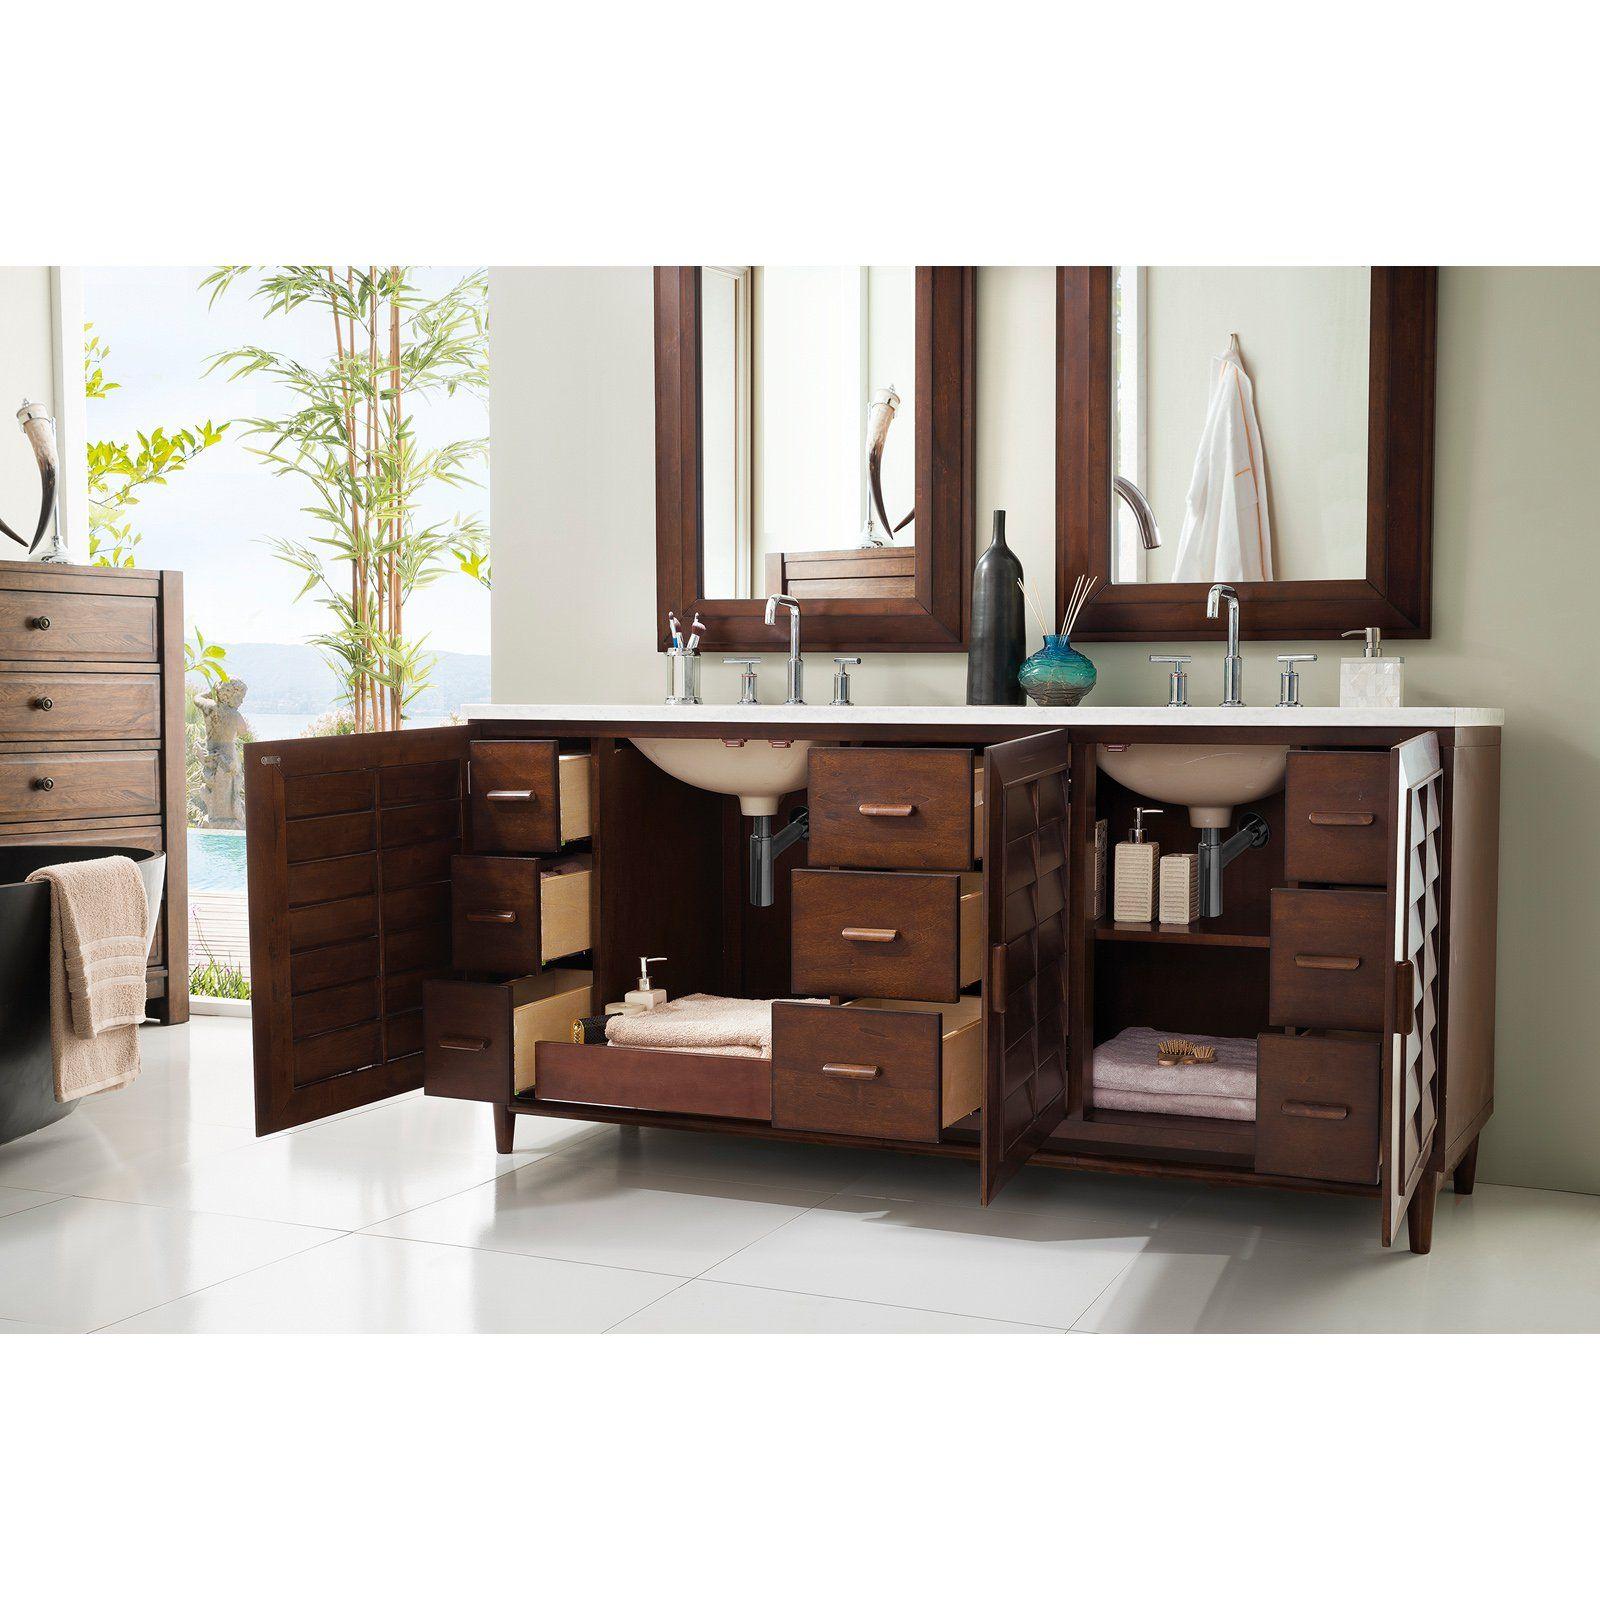 James Martin Furniture Portland 72 in Double Vanity 620 V72 BNM